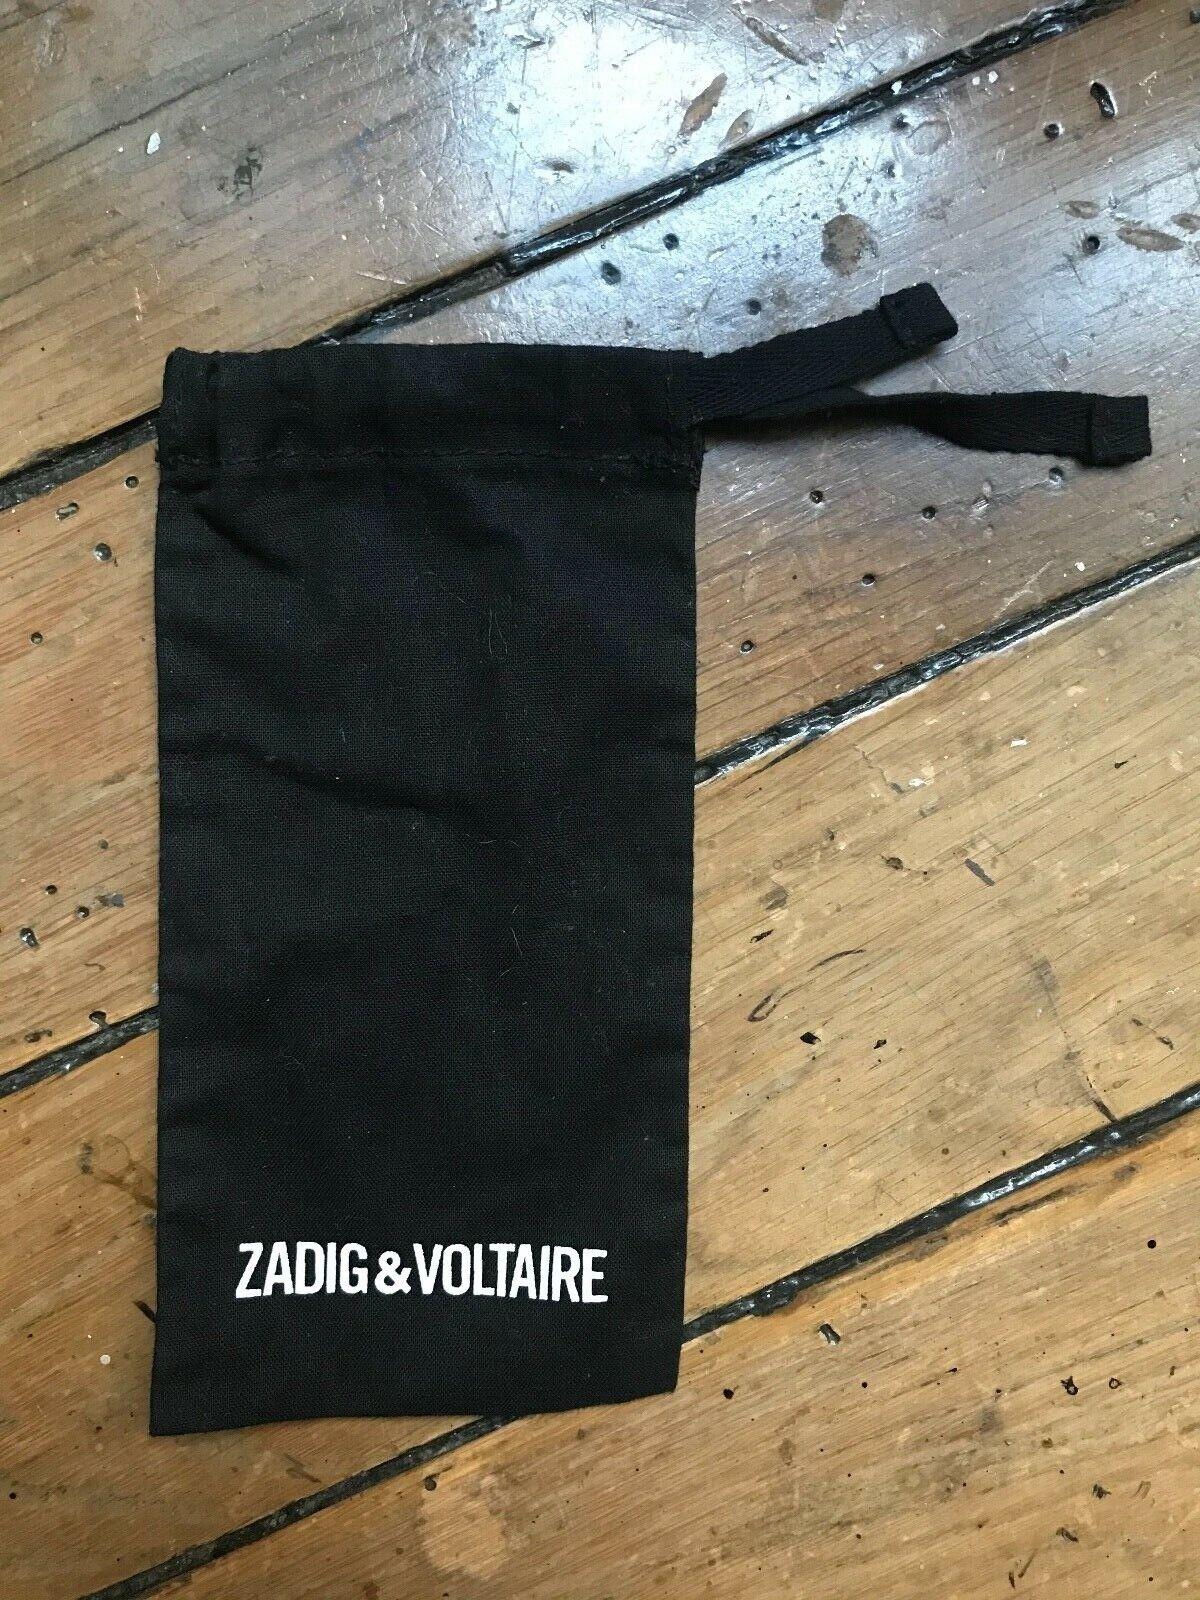 Zadig et voltaire pochon sac étui à lunettes en tissu